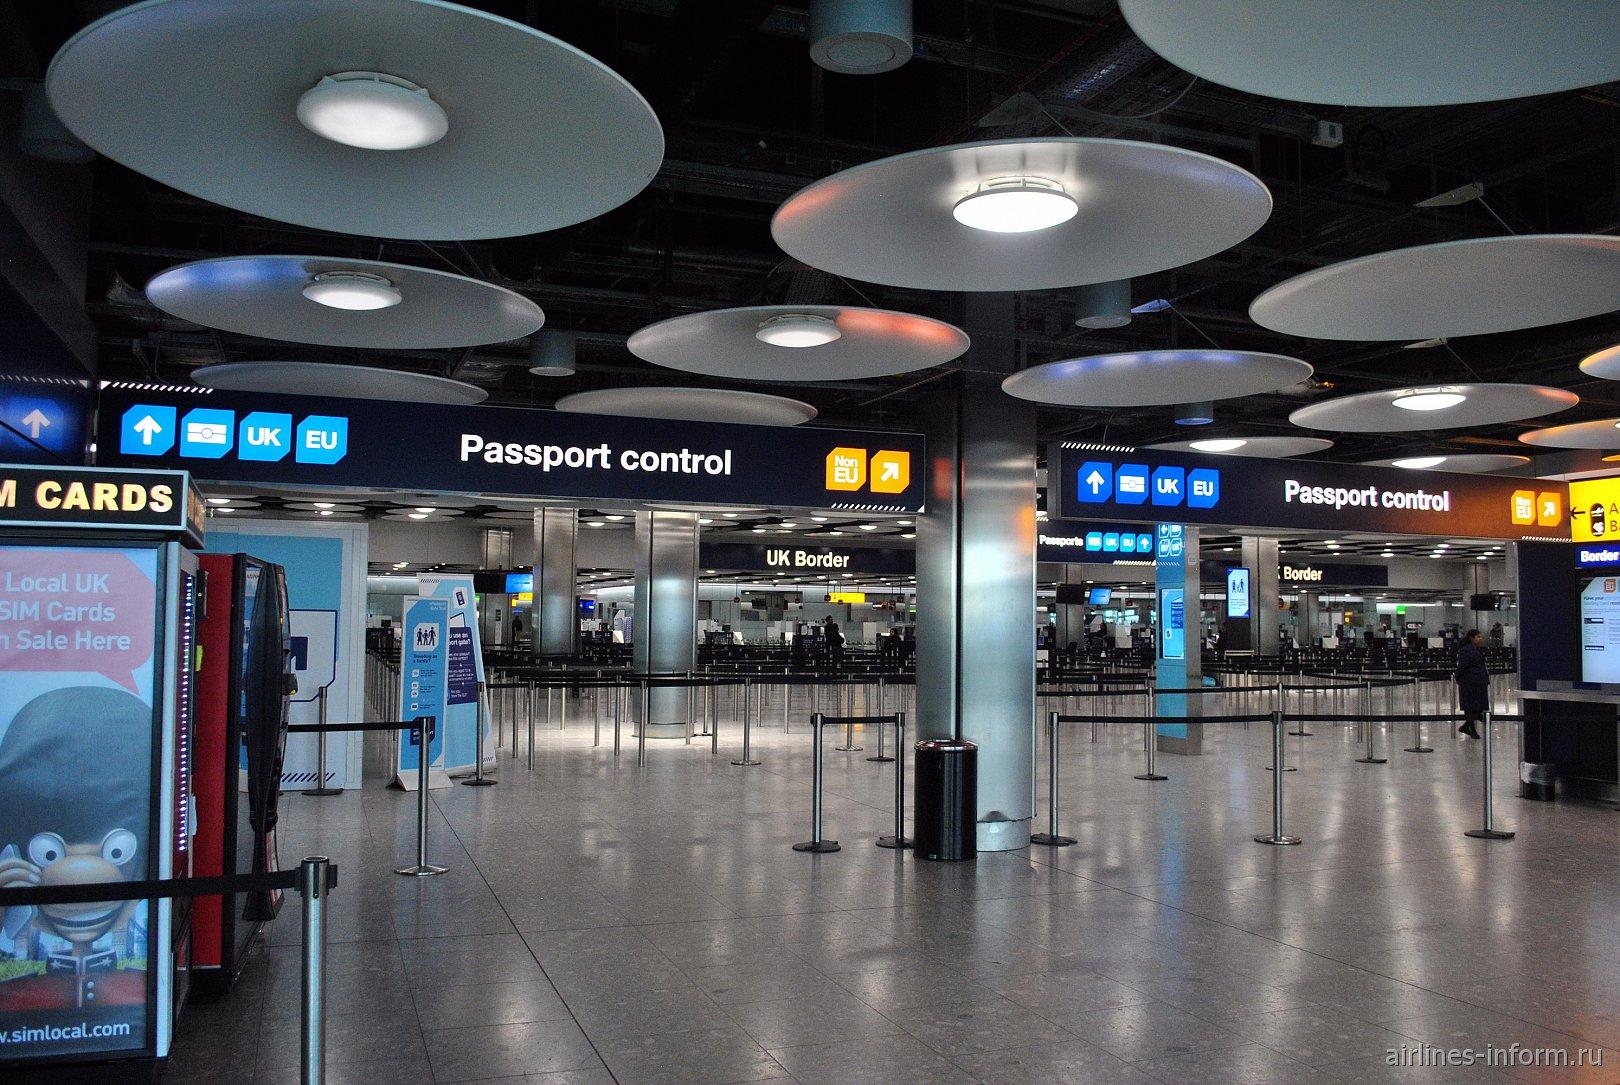 Зона паспортного контроля в аэропорту Лондон Хитроу